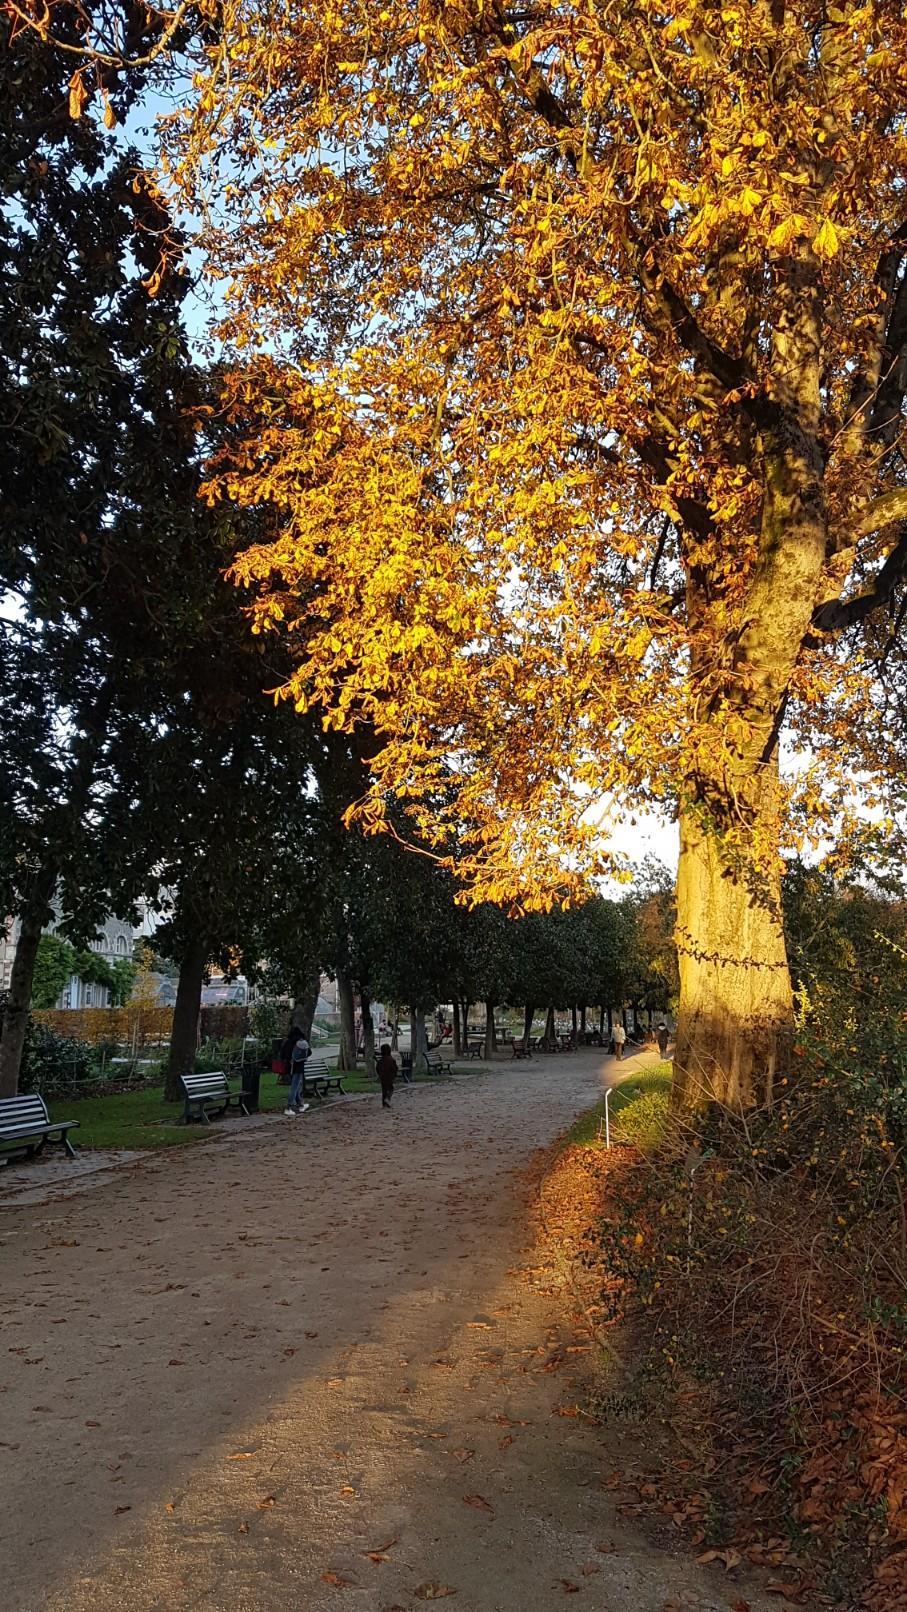 Couleurs d'automne - 2018 20181223